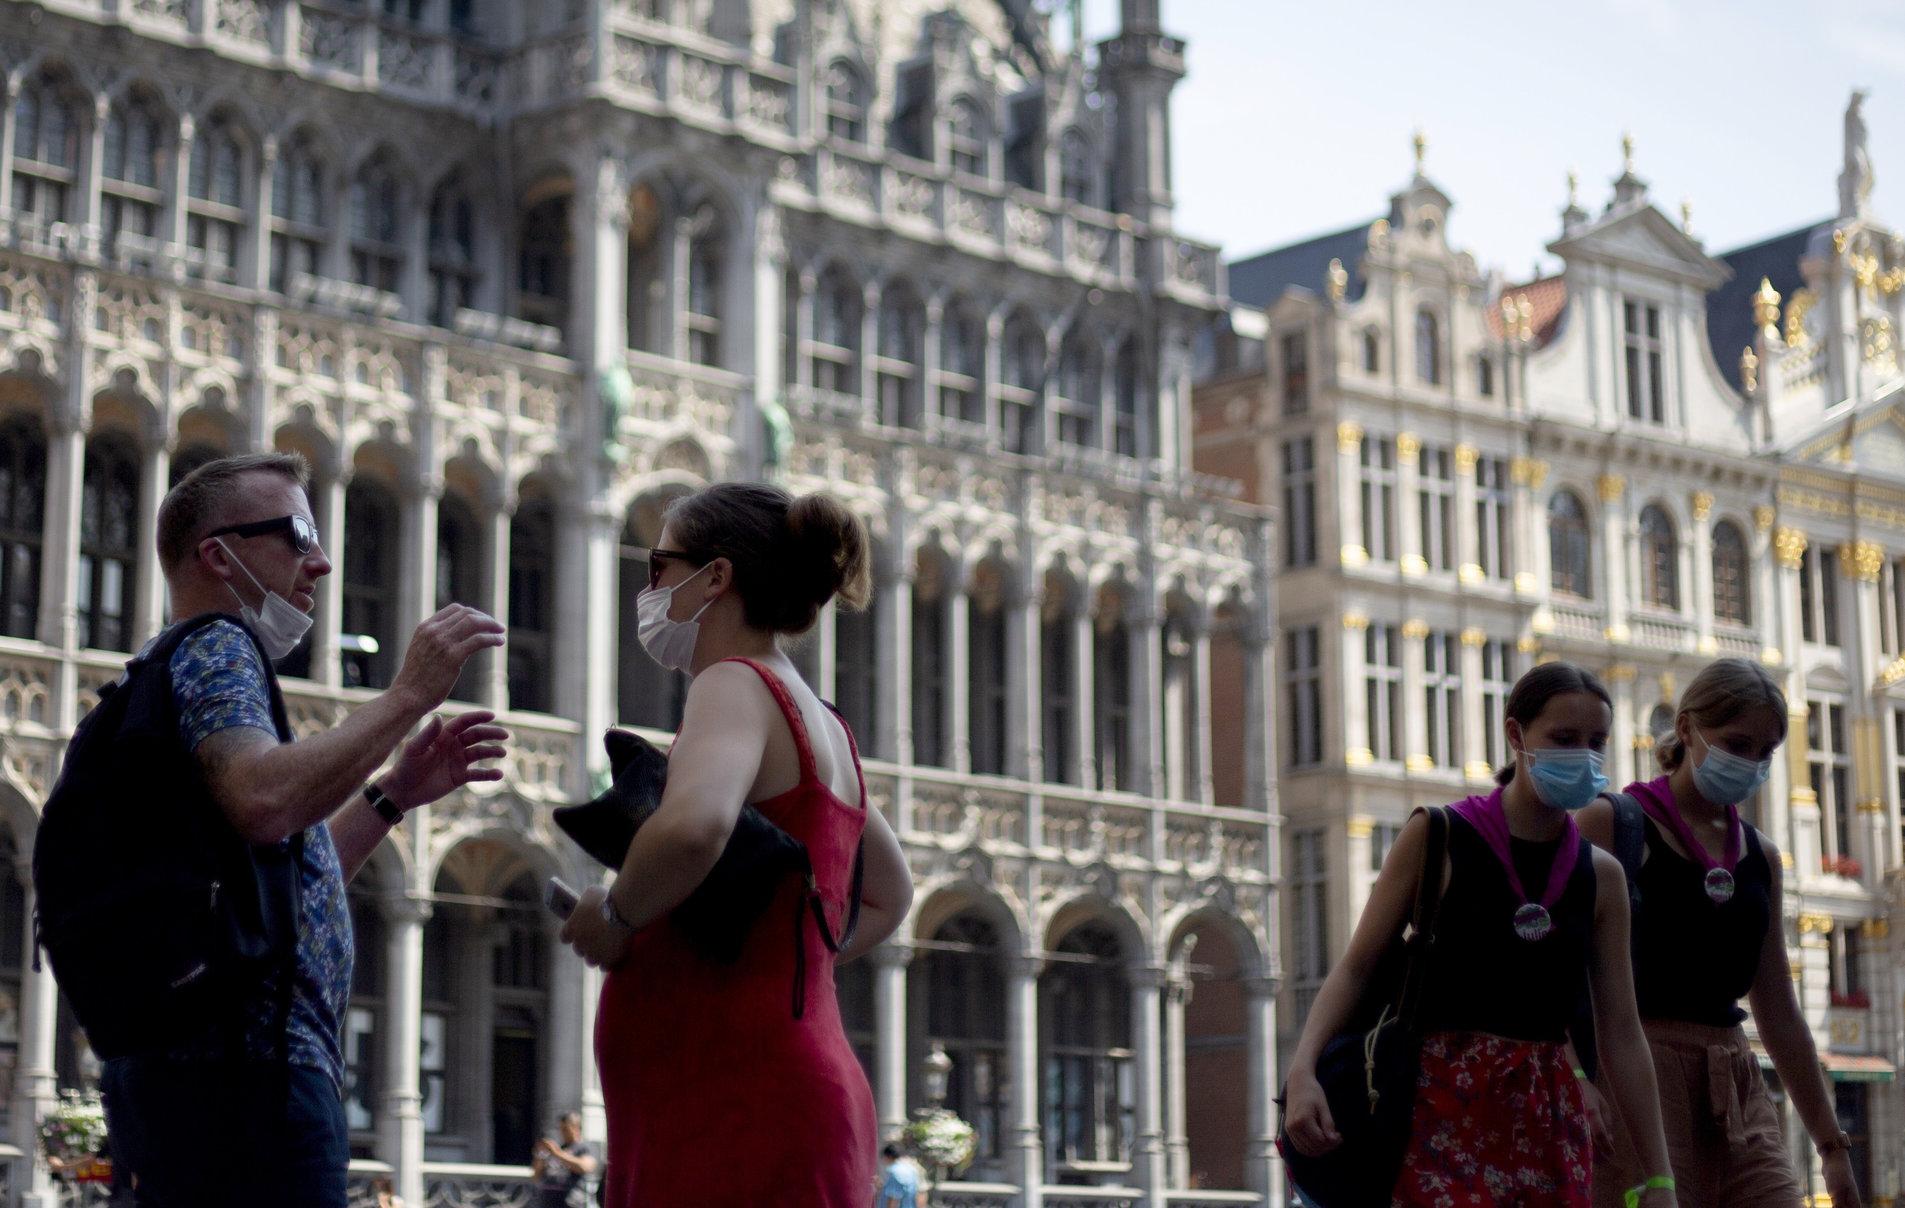 Belgia  Fără înghețată, apă sau țigări pe stradă. Ar însemna să scoți masca, ceea ce reprezintă o infracțiune